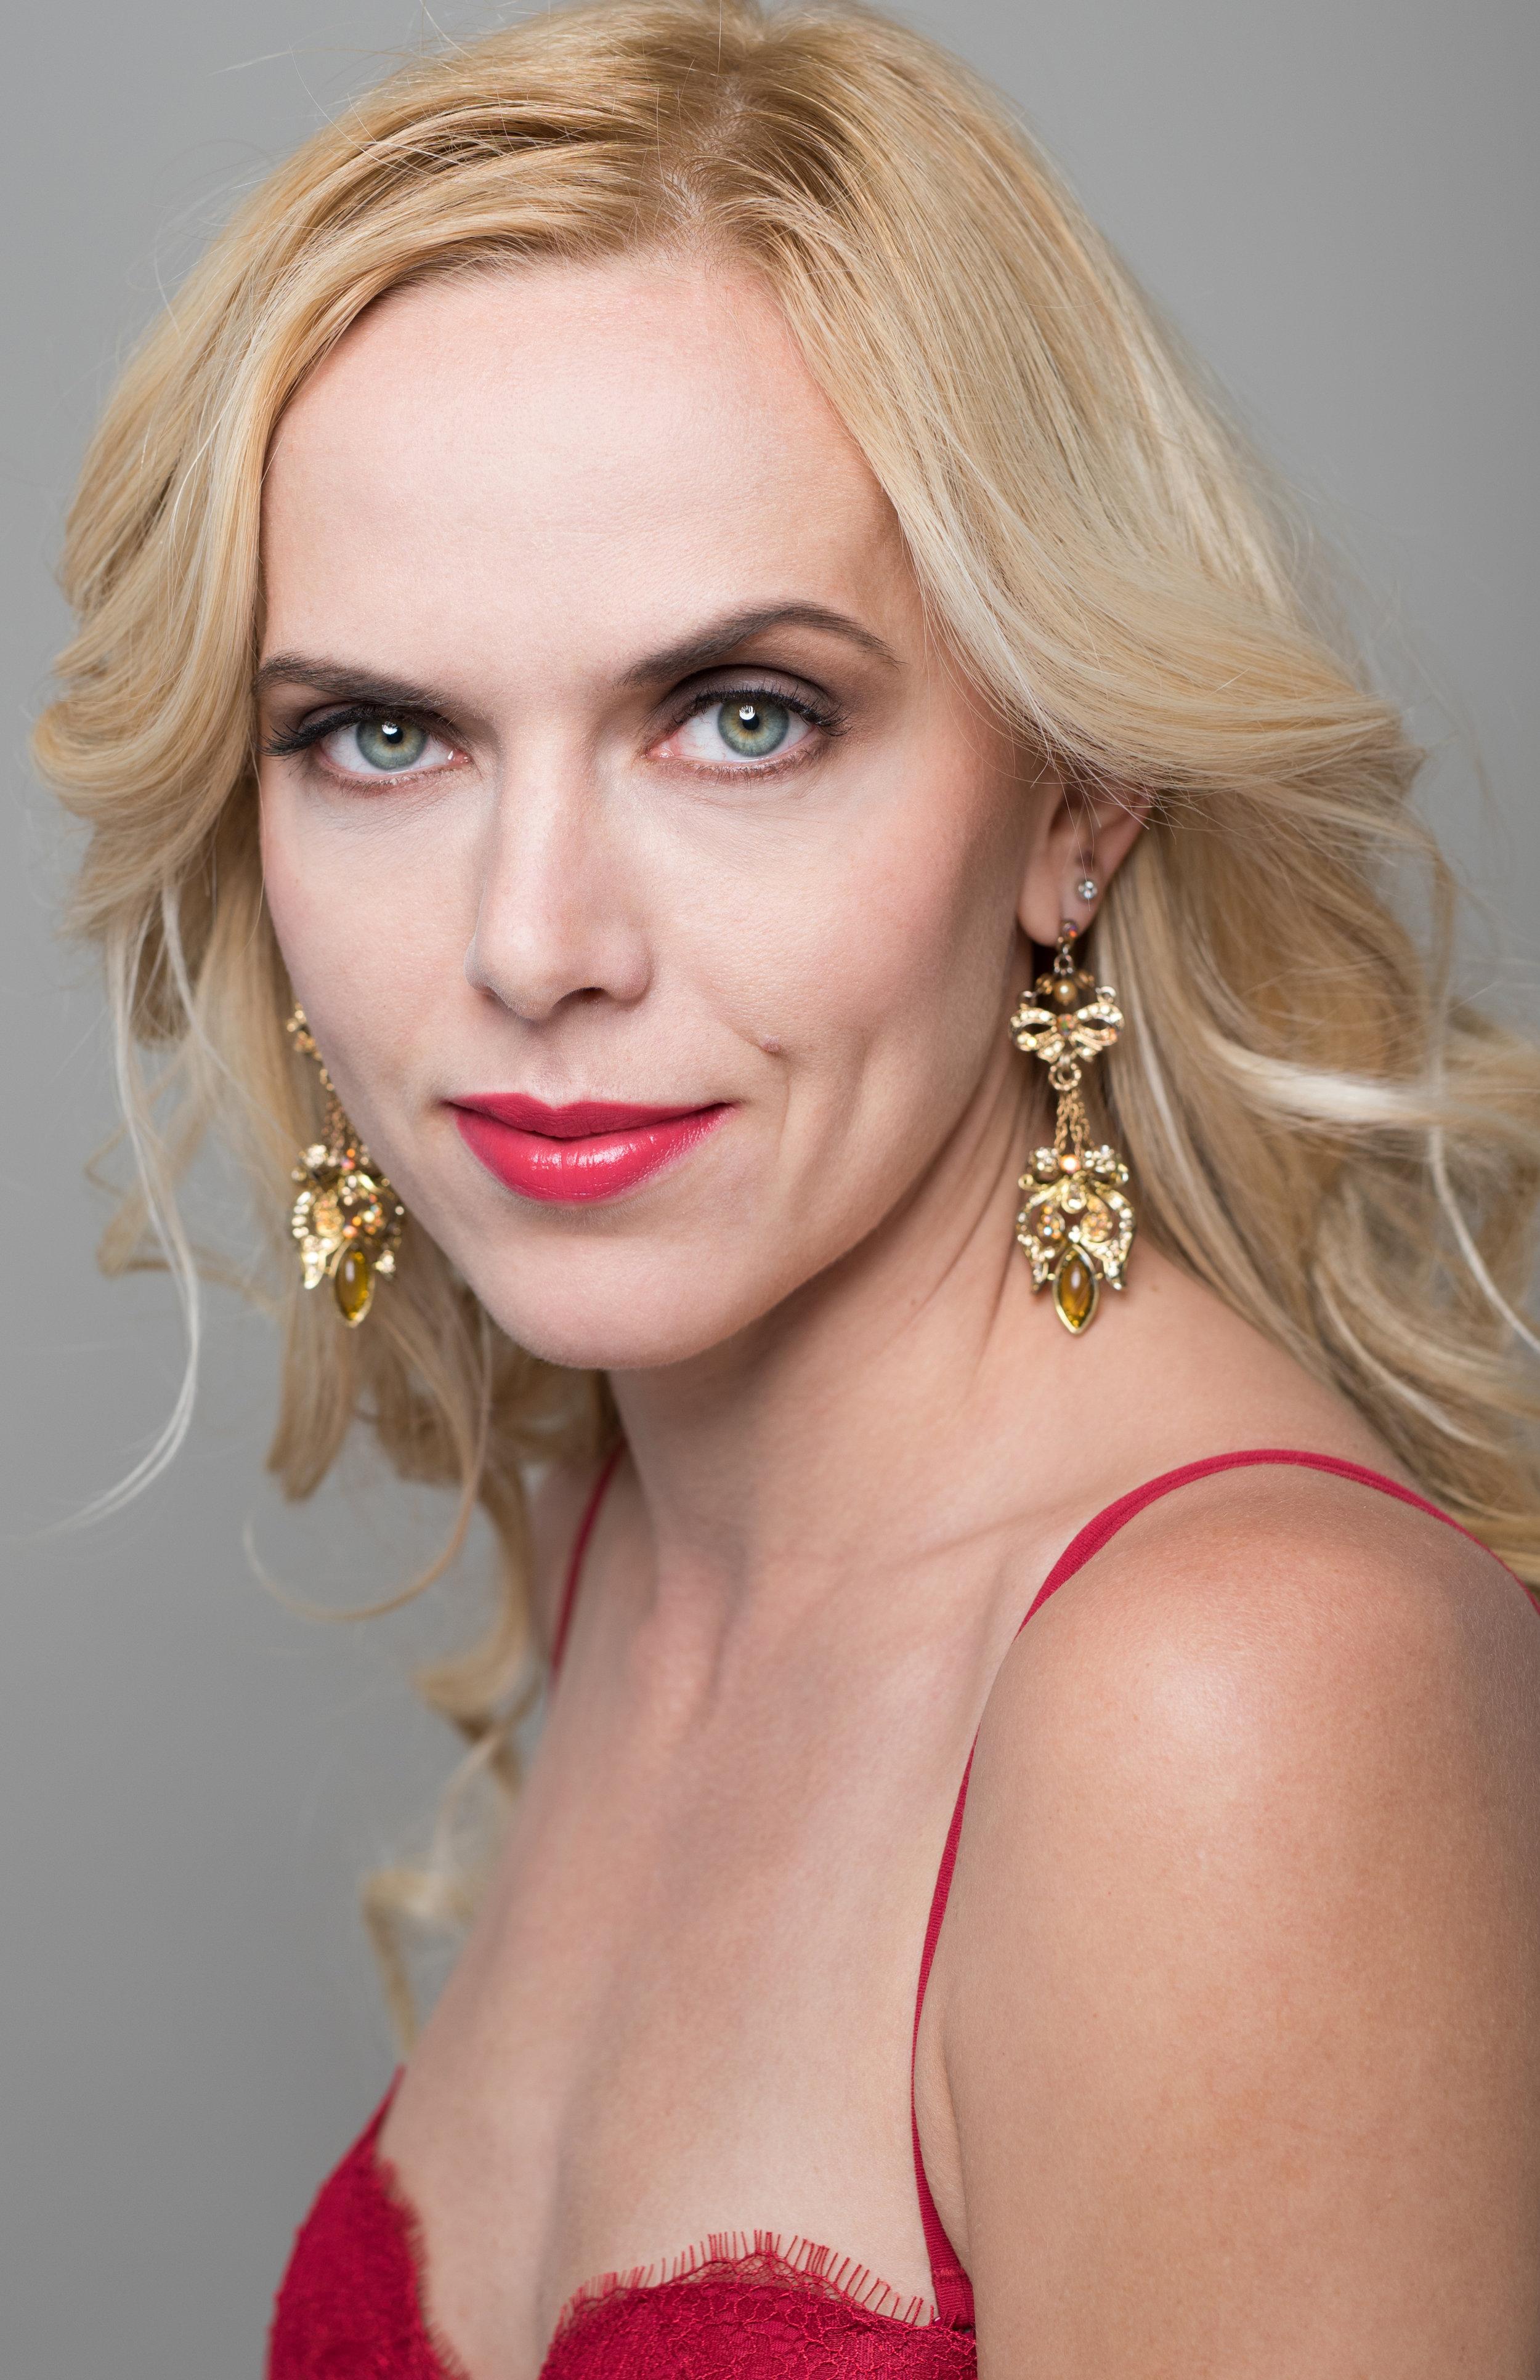 Tricia-Bennett-makeup-hair16.jpg